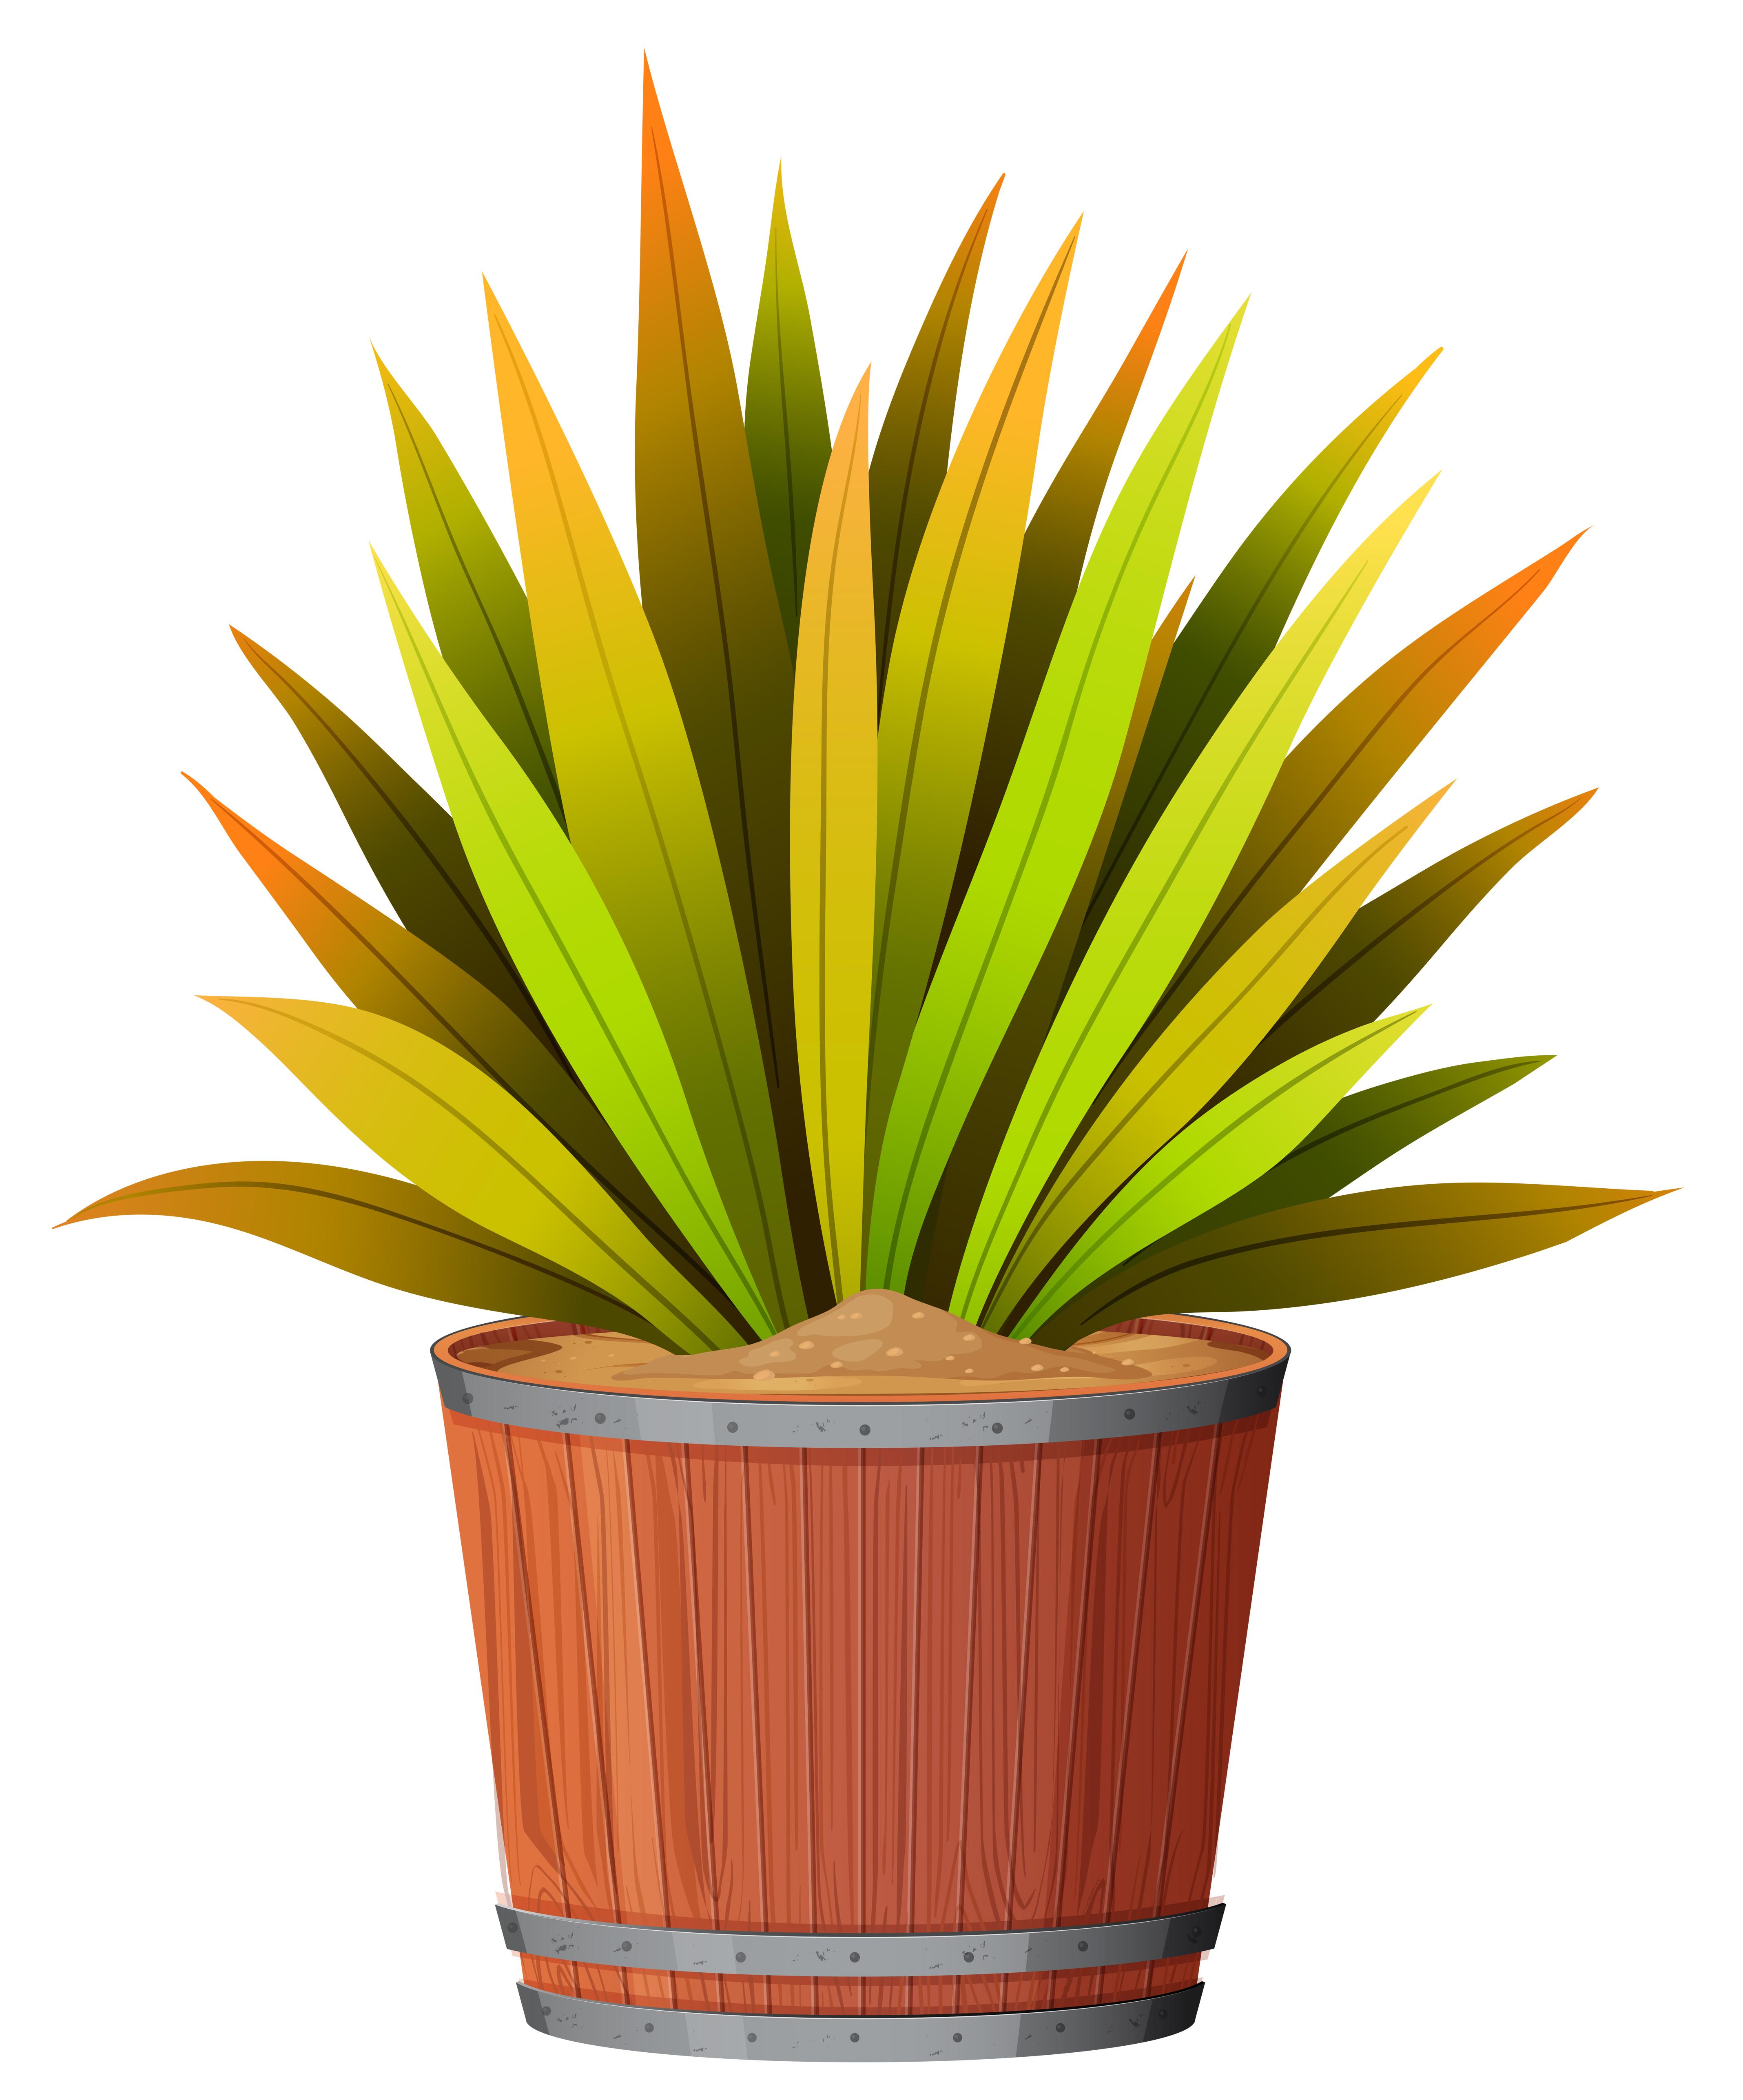 Une plante dans le pot - Telecharger Vectoriel Gratuit ...